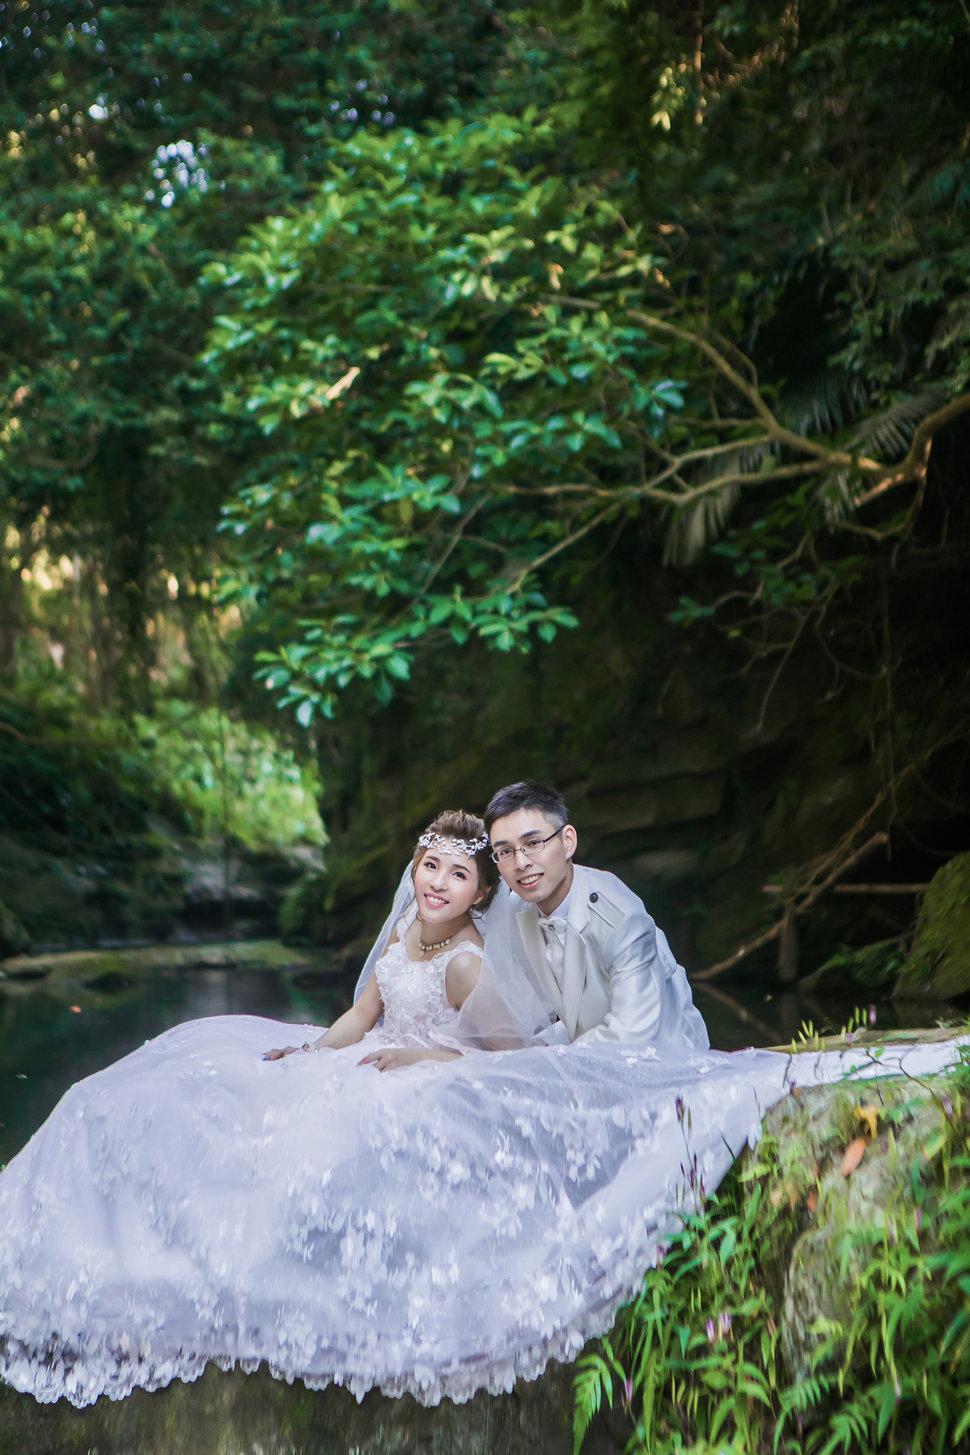 a-3 - 台中2號出口婚紗攝影工作室 - 結婚吧